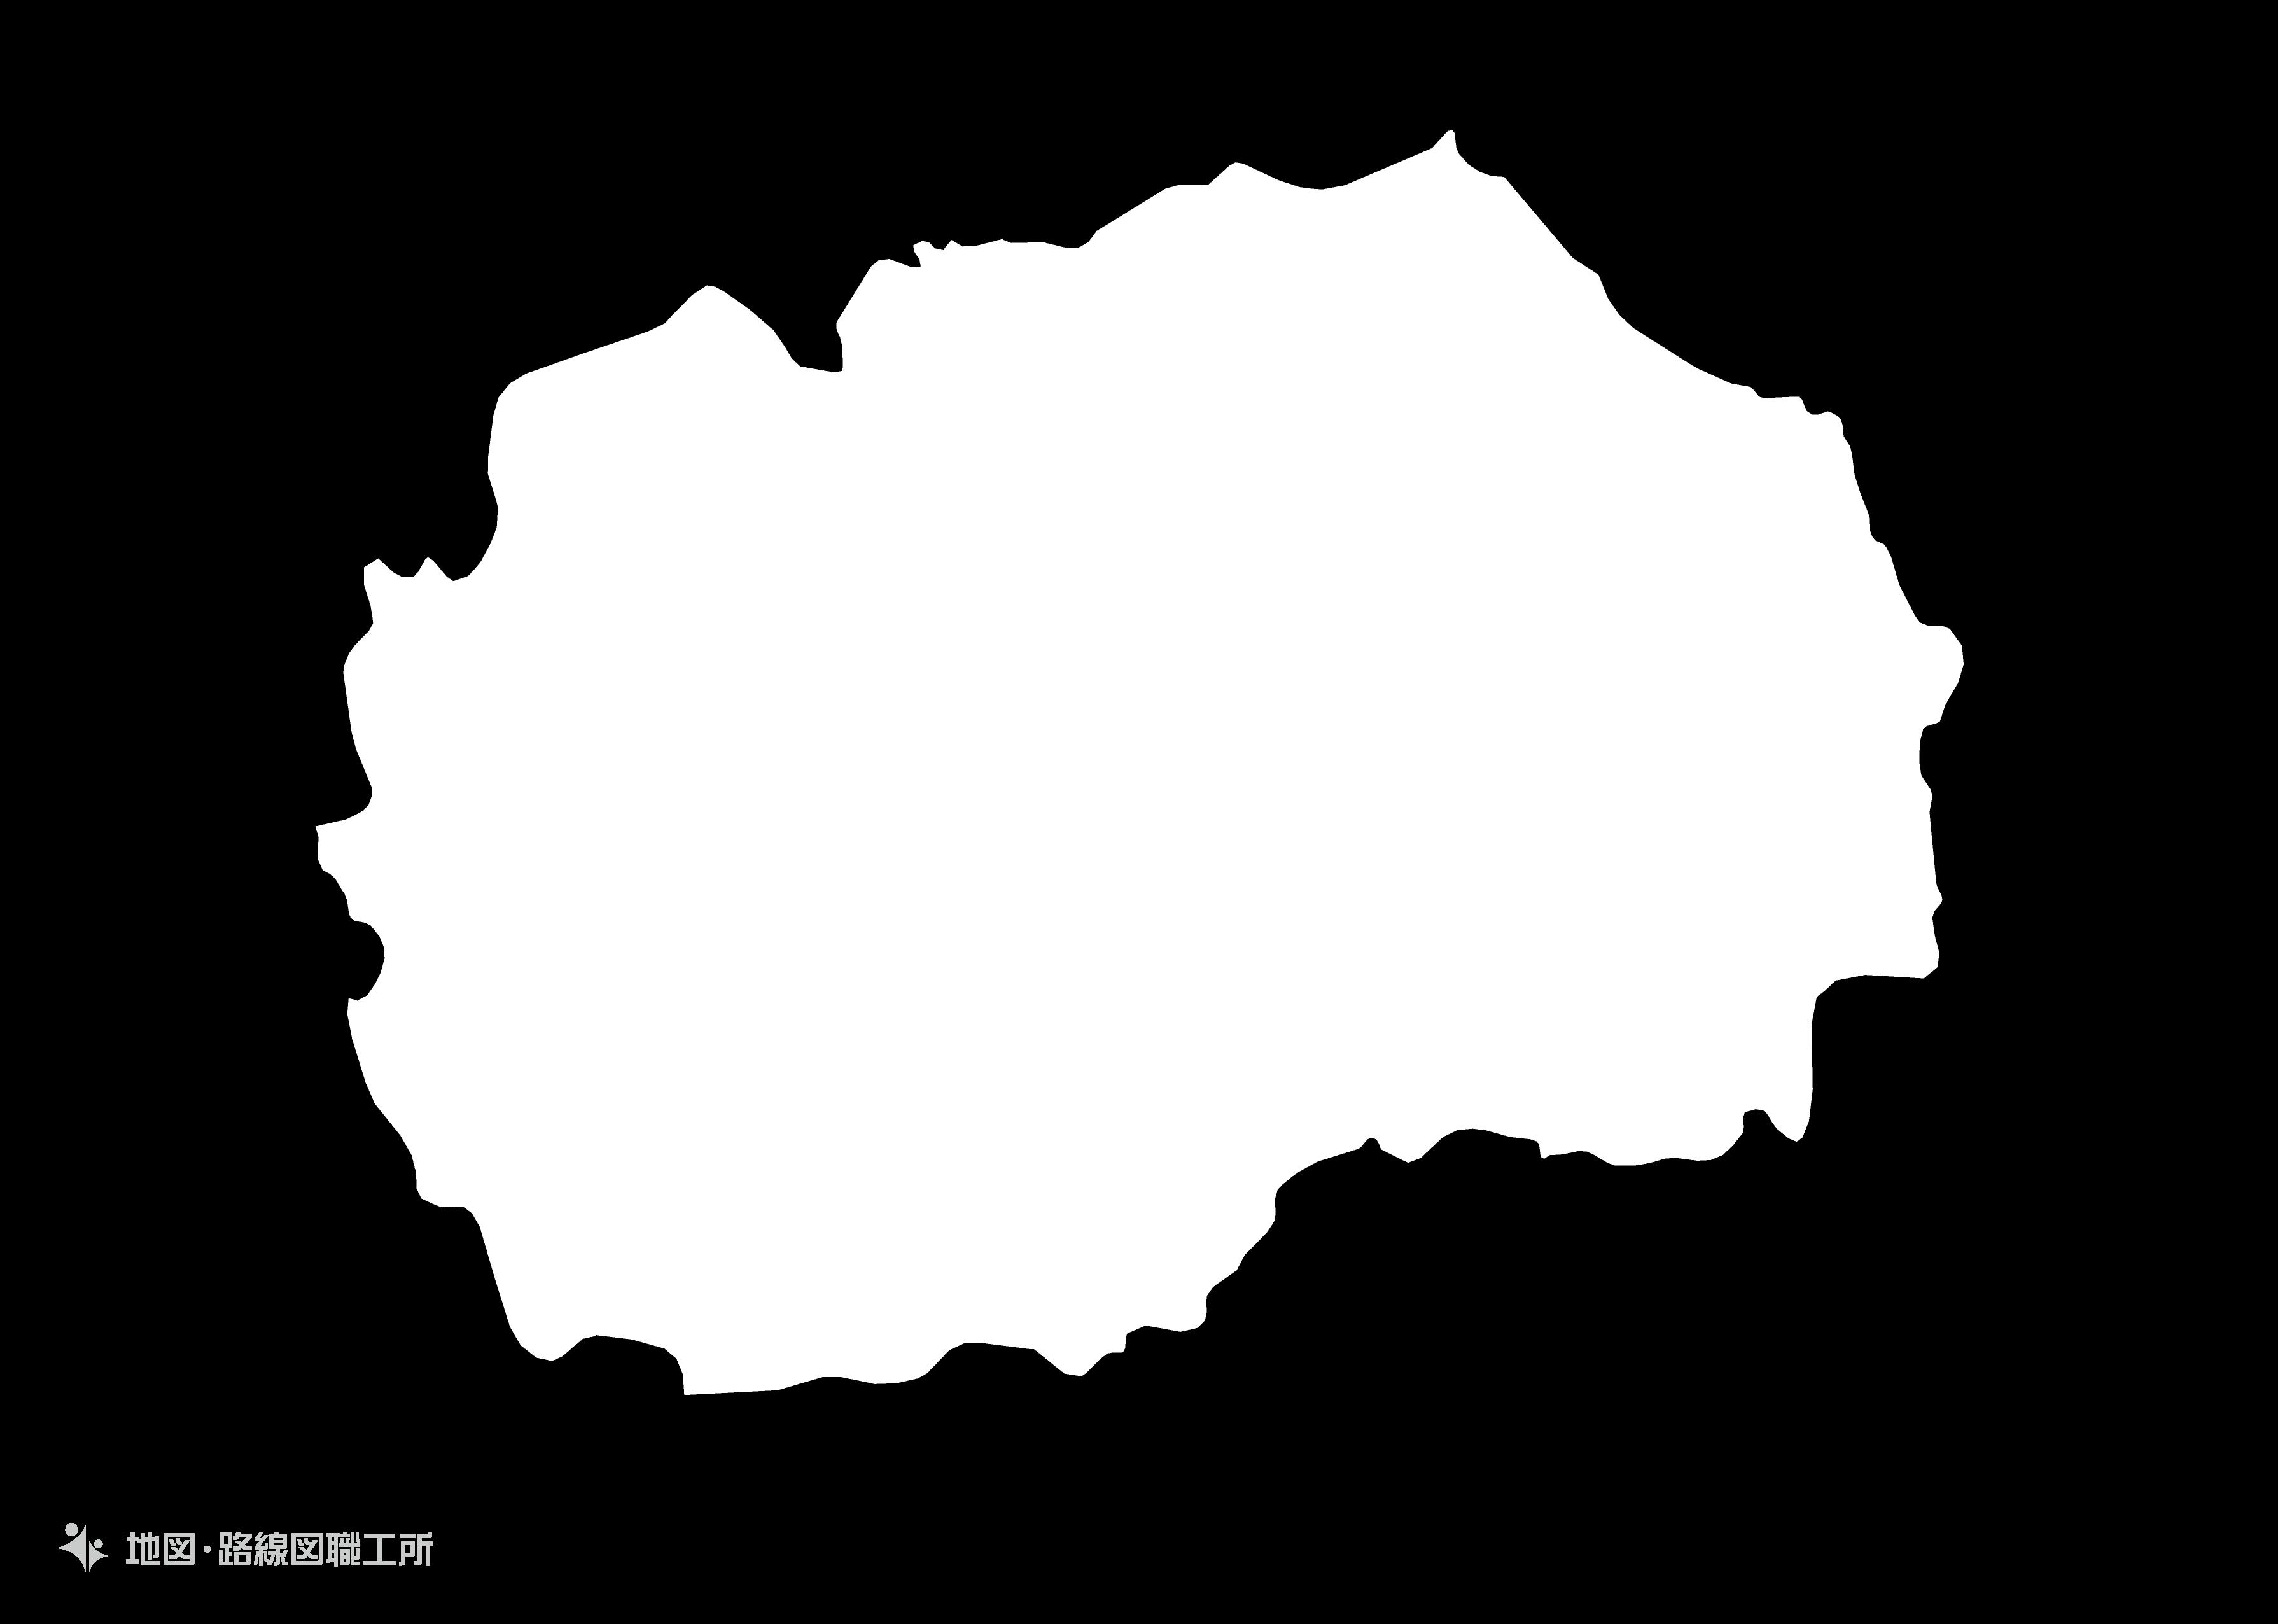 世界の白地図 北マケドニア共和国 former-yugoslav-republic-of-macedonia map